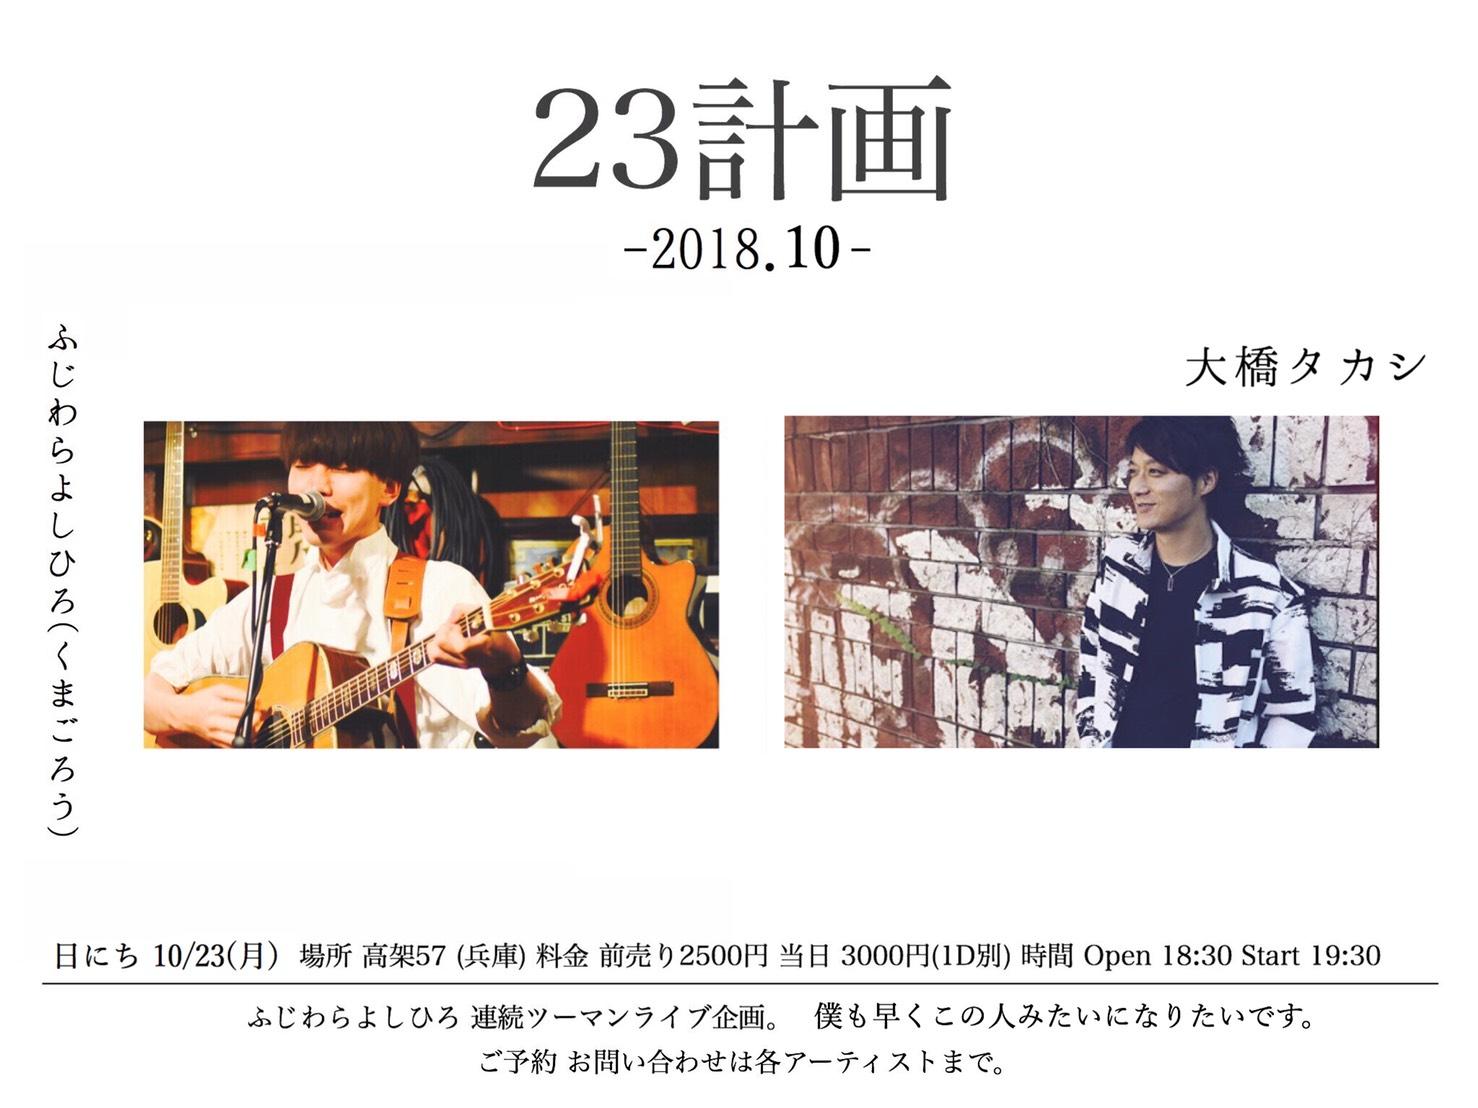 「23計画」大橋タカシ 18時30分開場